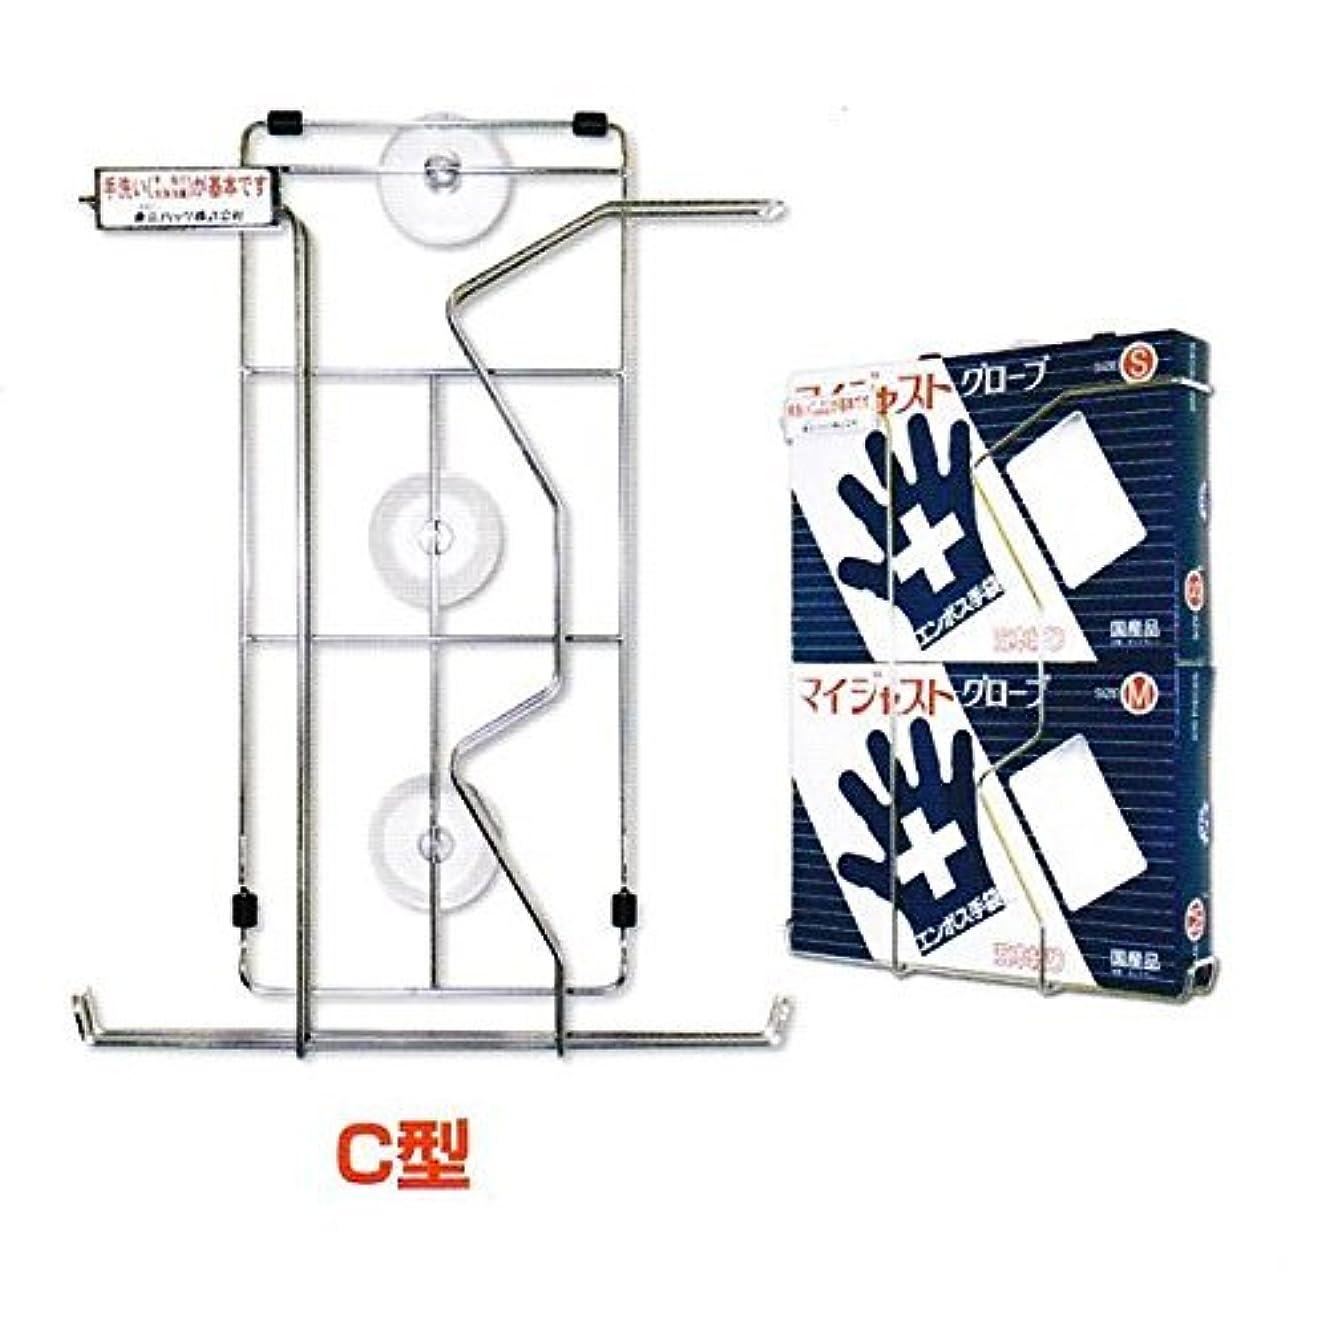 ブランド長さ空気エンボス手袋化粧箱 専用ハンガーC型 東京パック